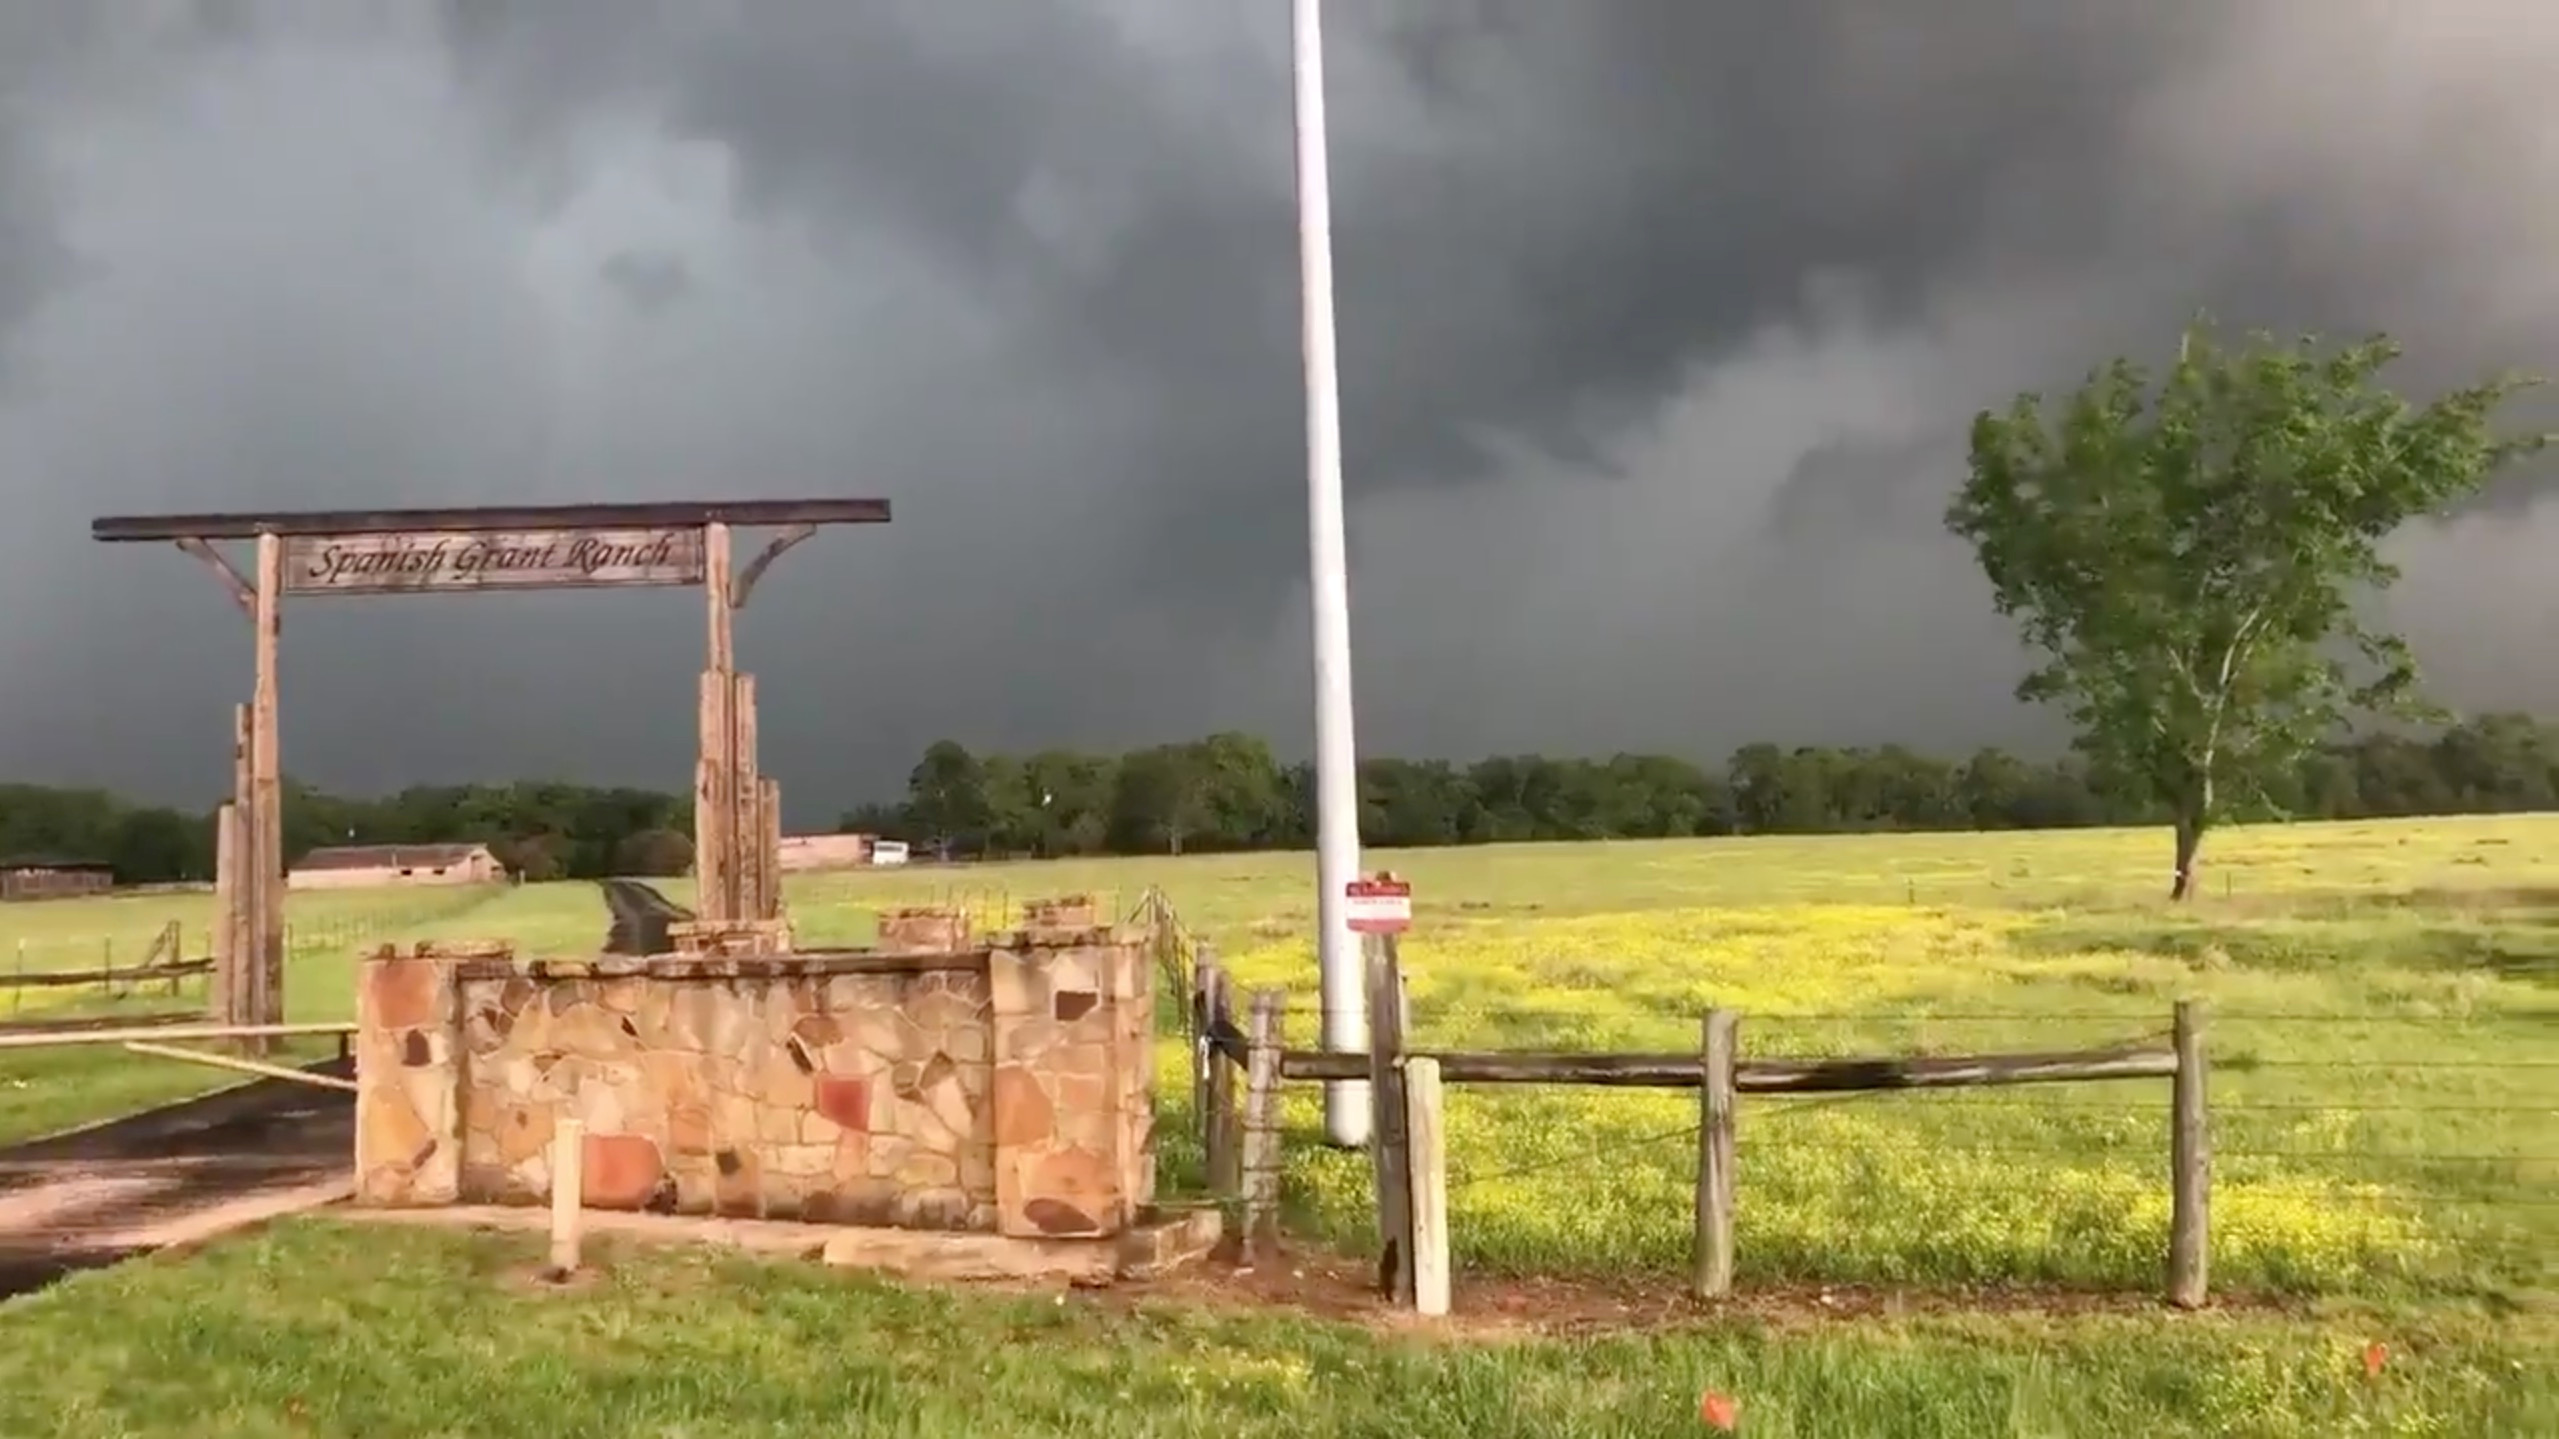 الطقس ومنظر للسحب فى منطقة الاعصار فى تكساس